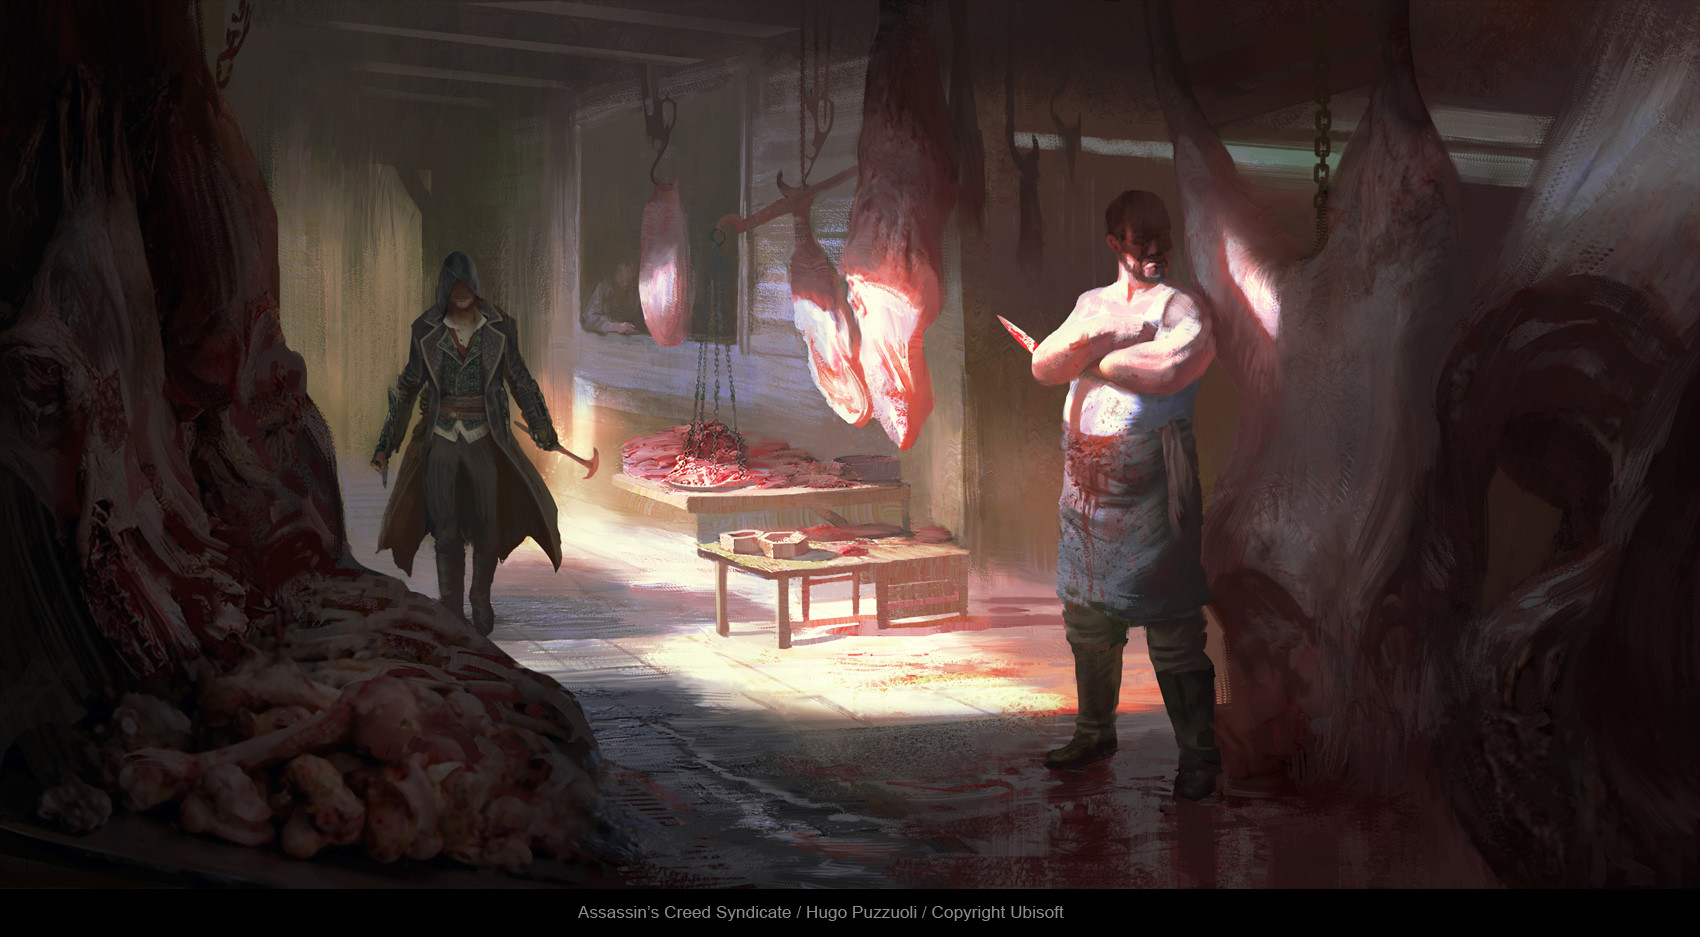 Hugo puzzuoli acvi ev butchers alley hpuzzuoli